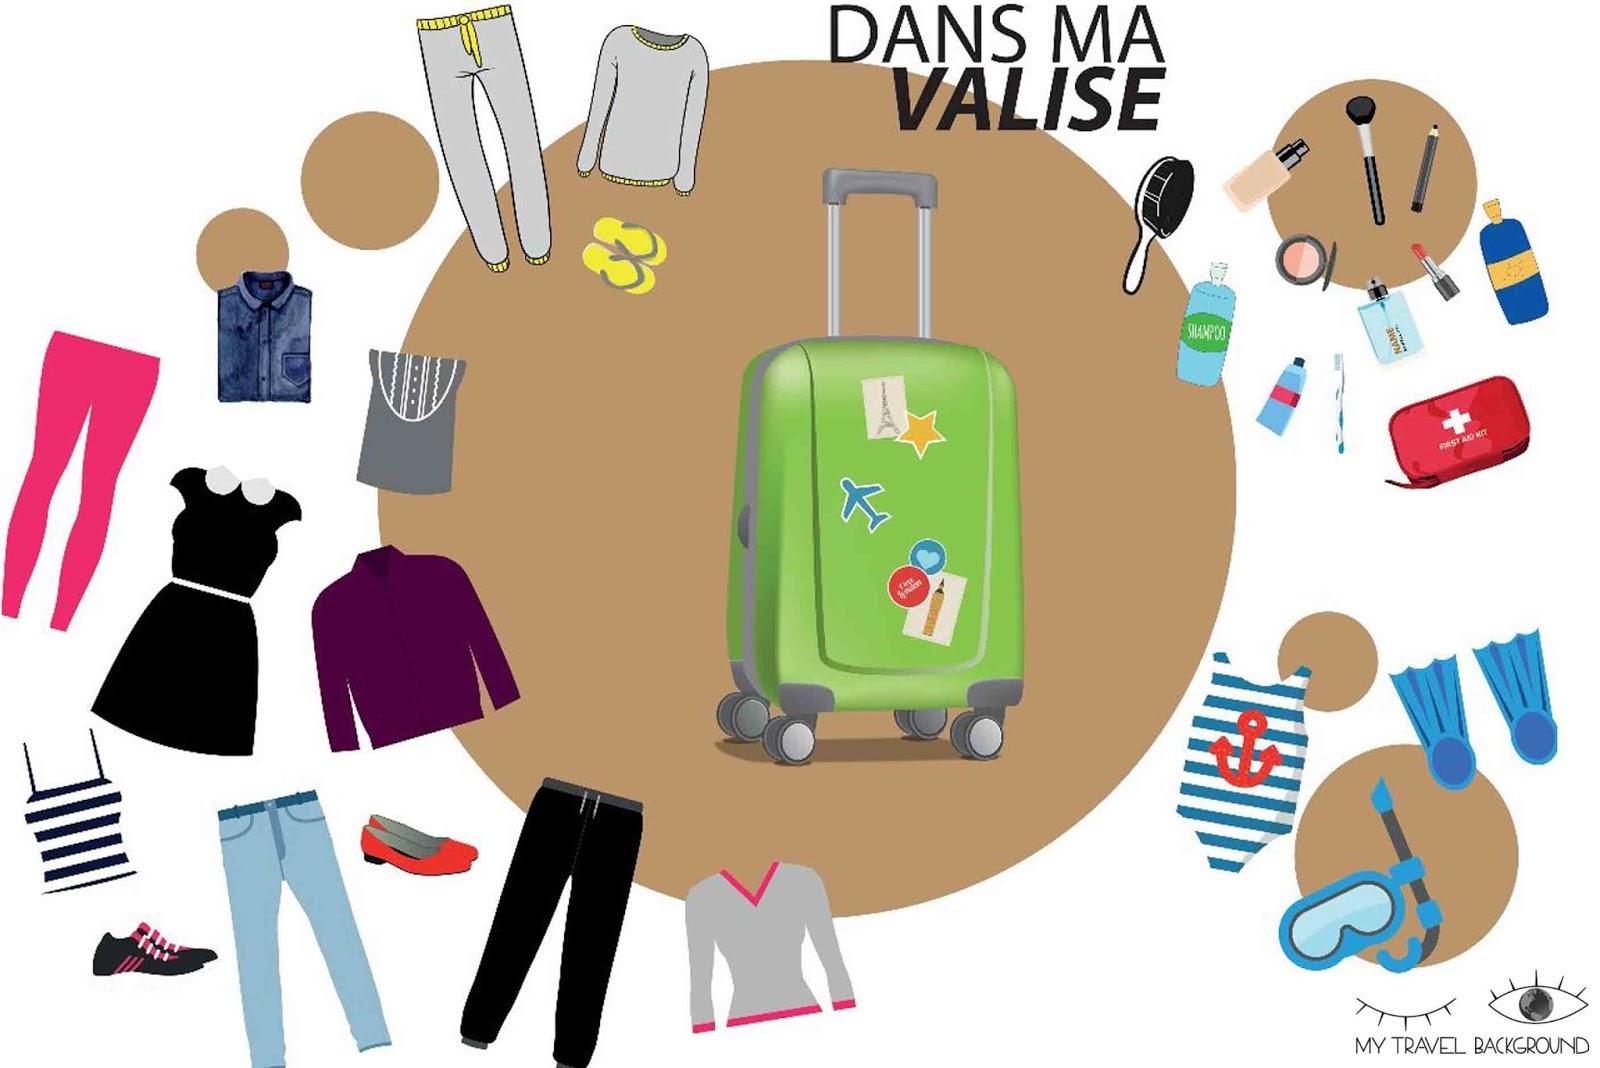 My Travel Background : Comment organiser sa valise pour un long voyage? - Dans ma valise